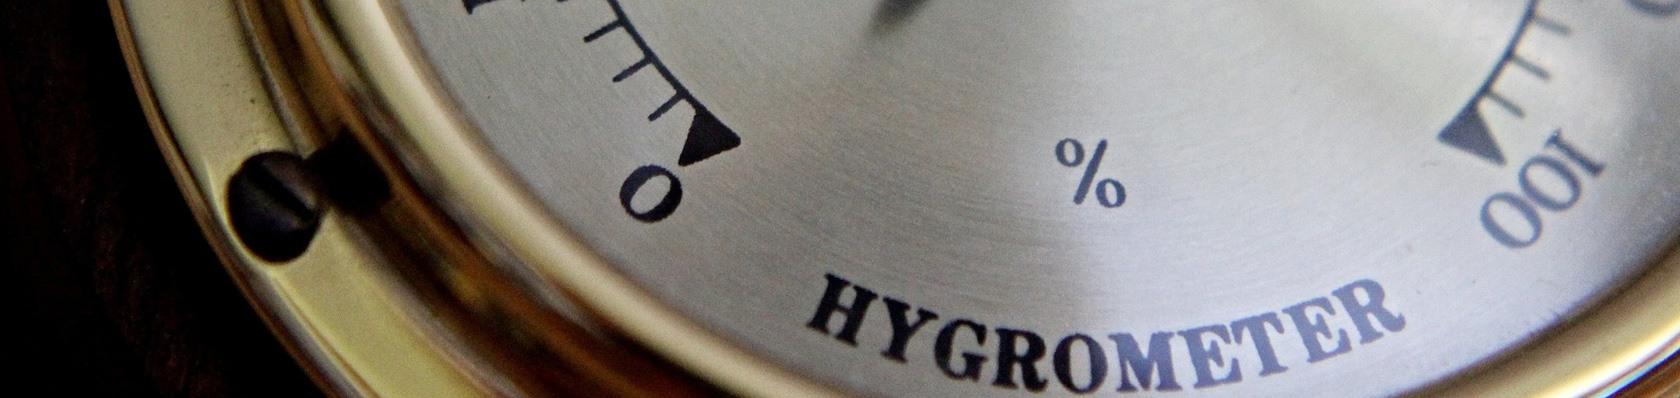 Hygrometer im Test auf ExpertenTesten.de